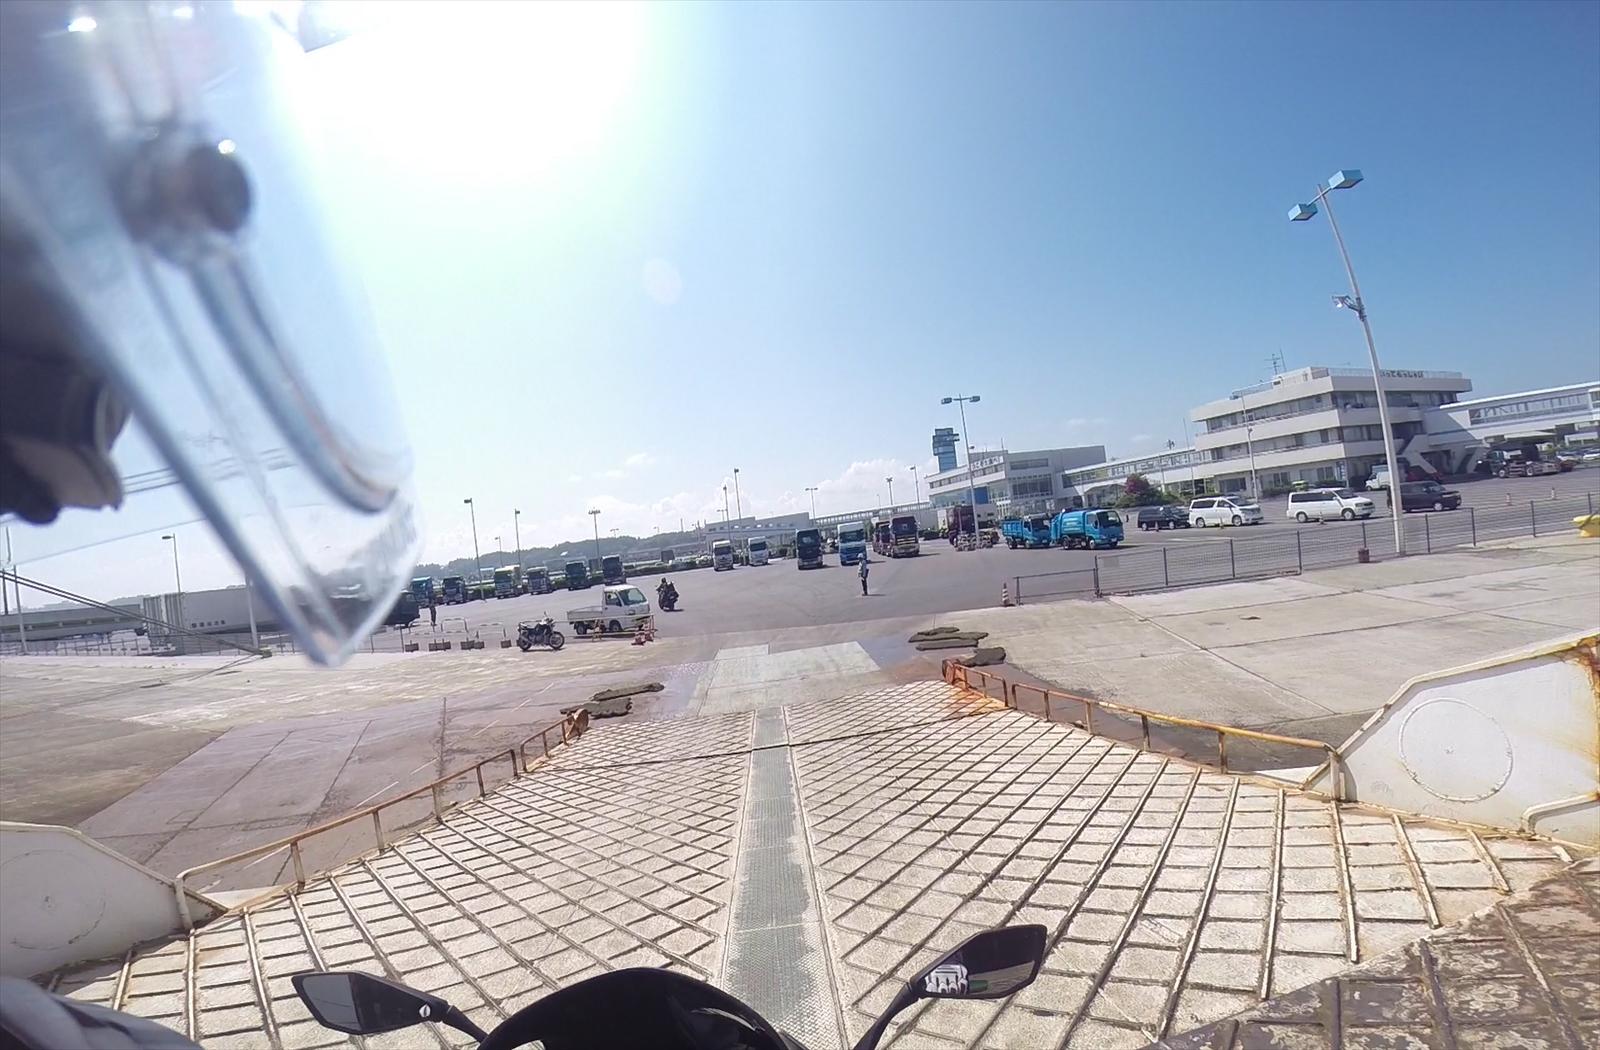 vlcsnap-2015-08-18-20h21m31s878.jpg